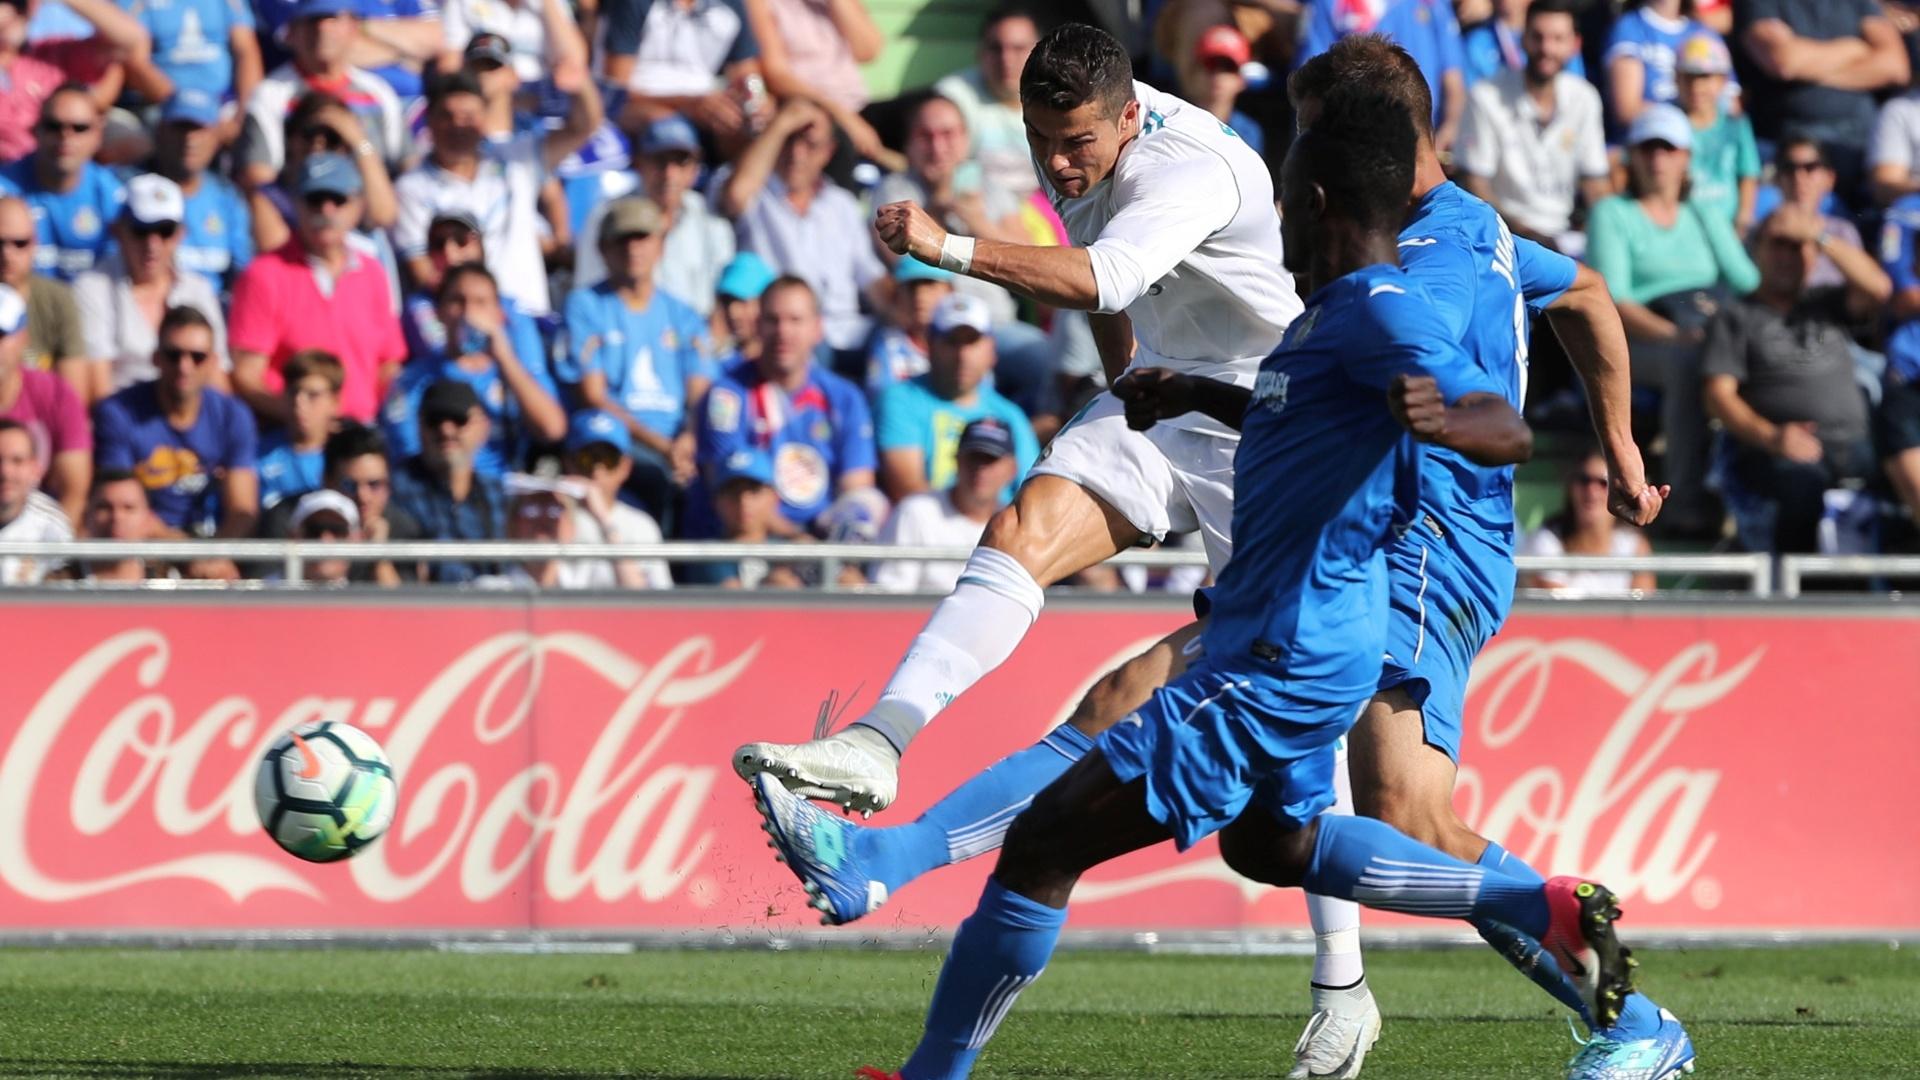 Cristiano Ronaldo chuta na tentativa de marcar contra o Getafe, no Espanhol